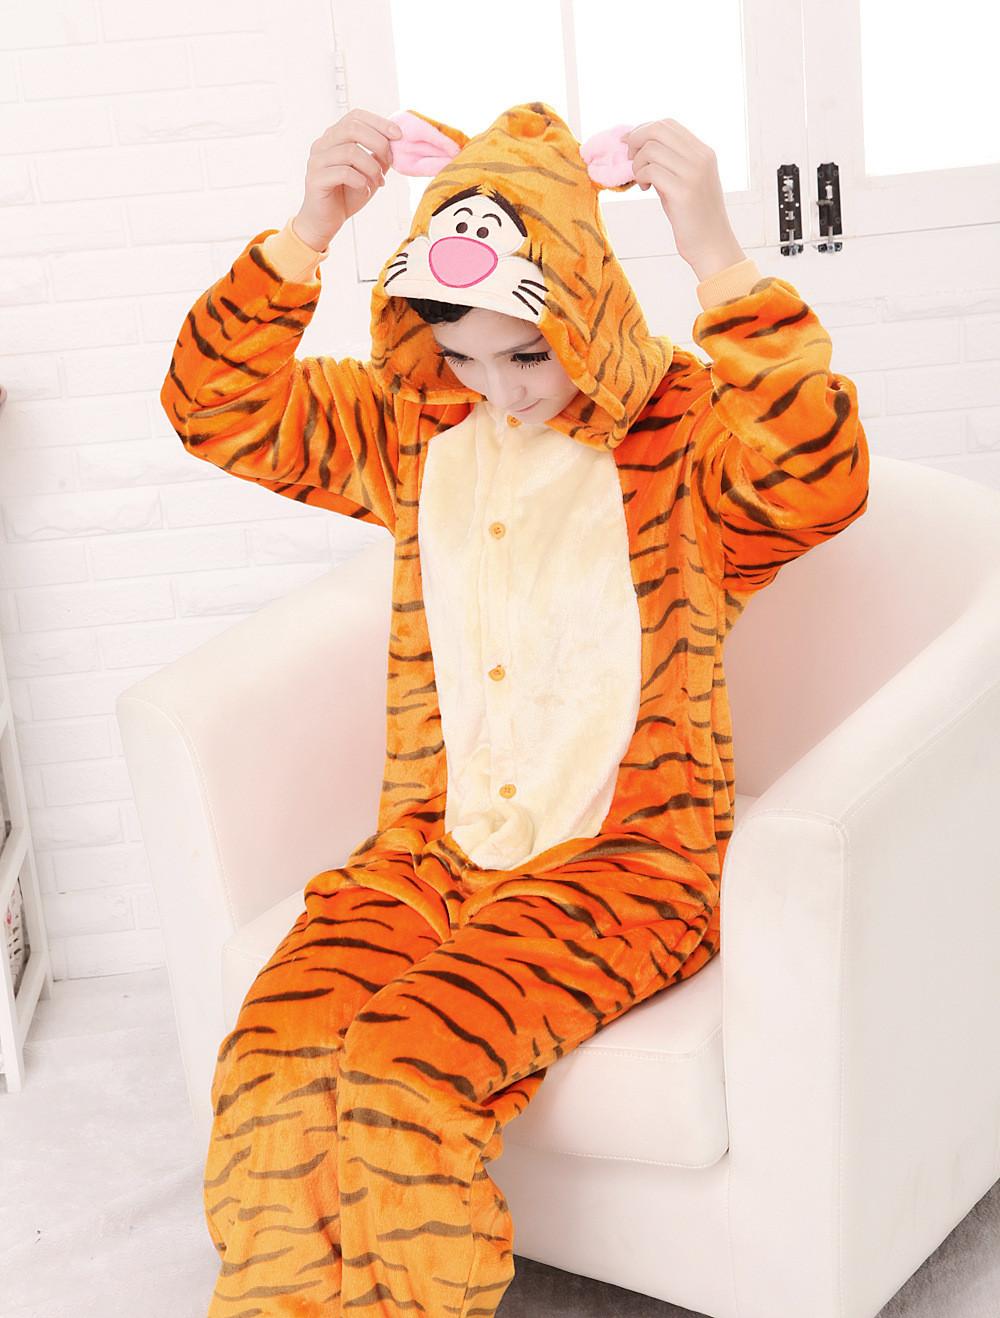 тигр тигр сочетает взрослых фланелевую пижаму костюмы животных для взрослых Guru Пэм мультфильм животных косплей для женщин и для мужчин Пэм